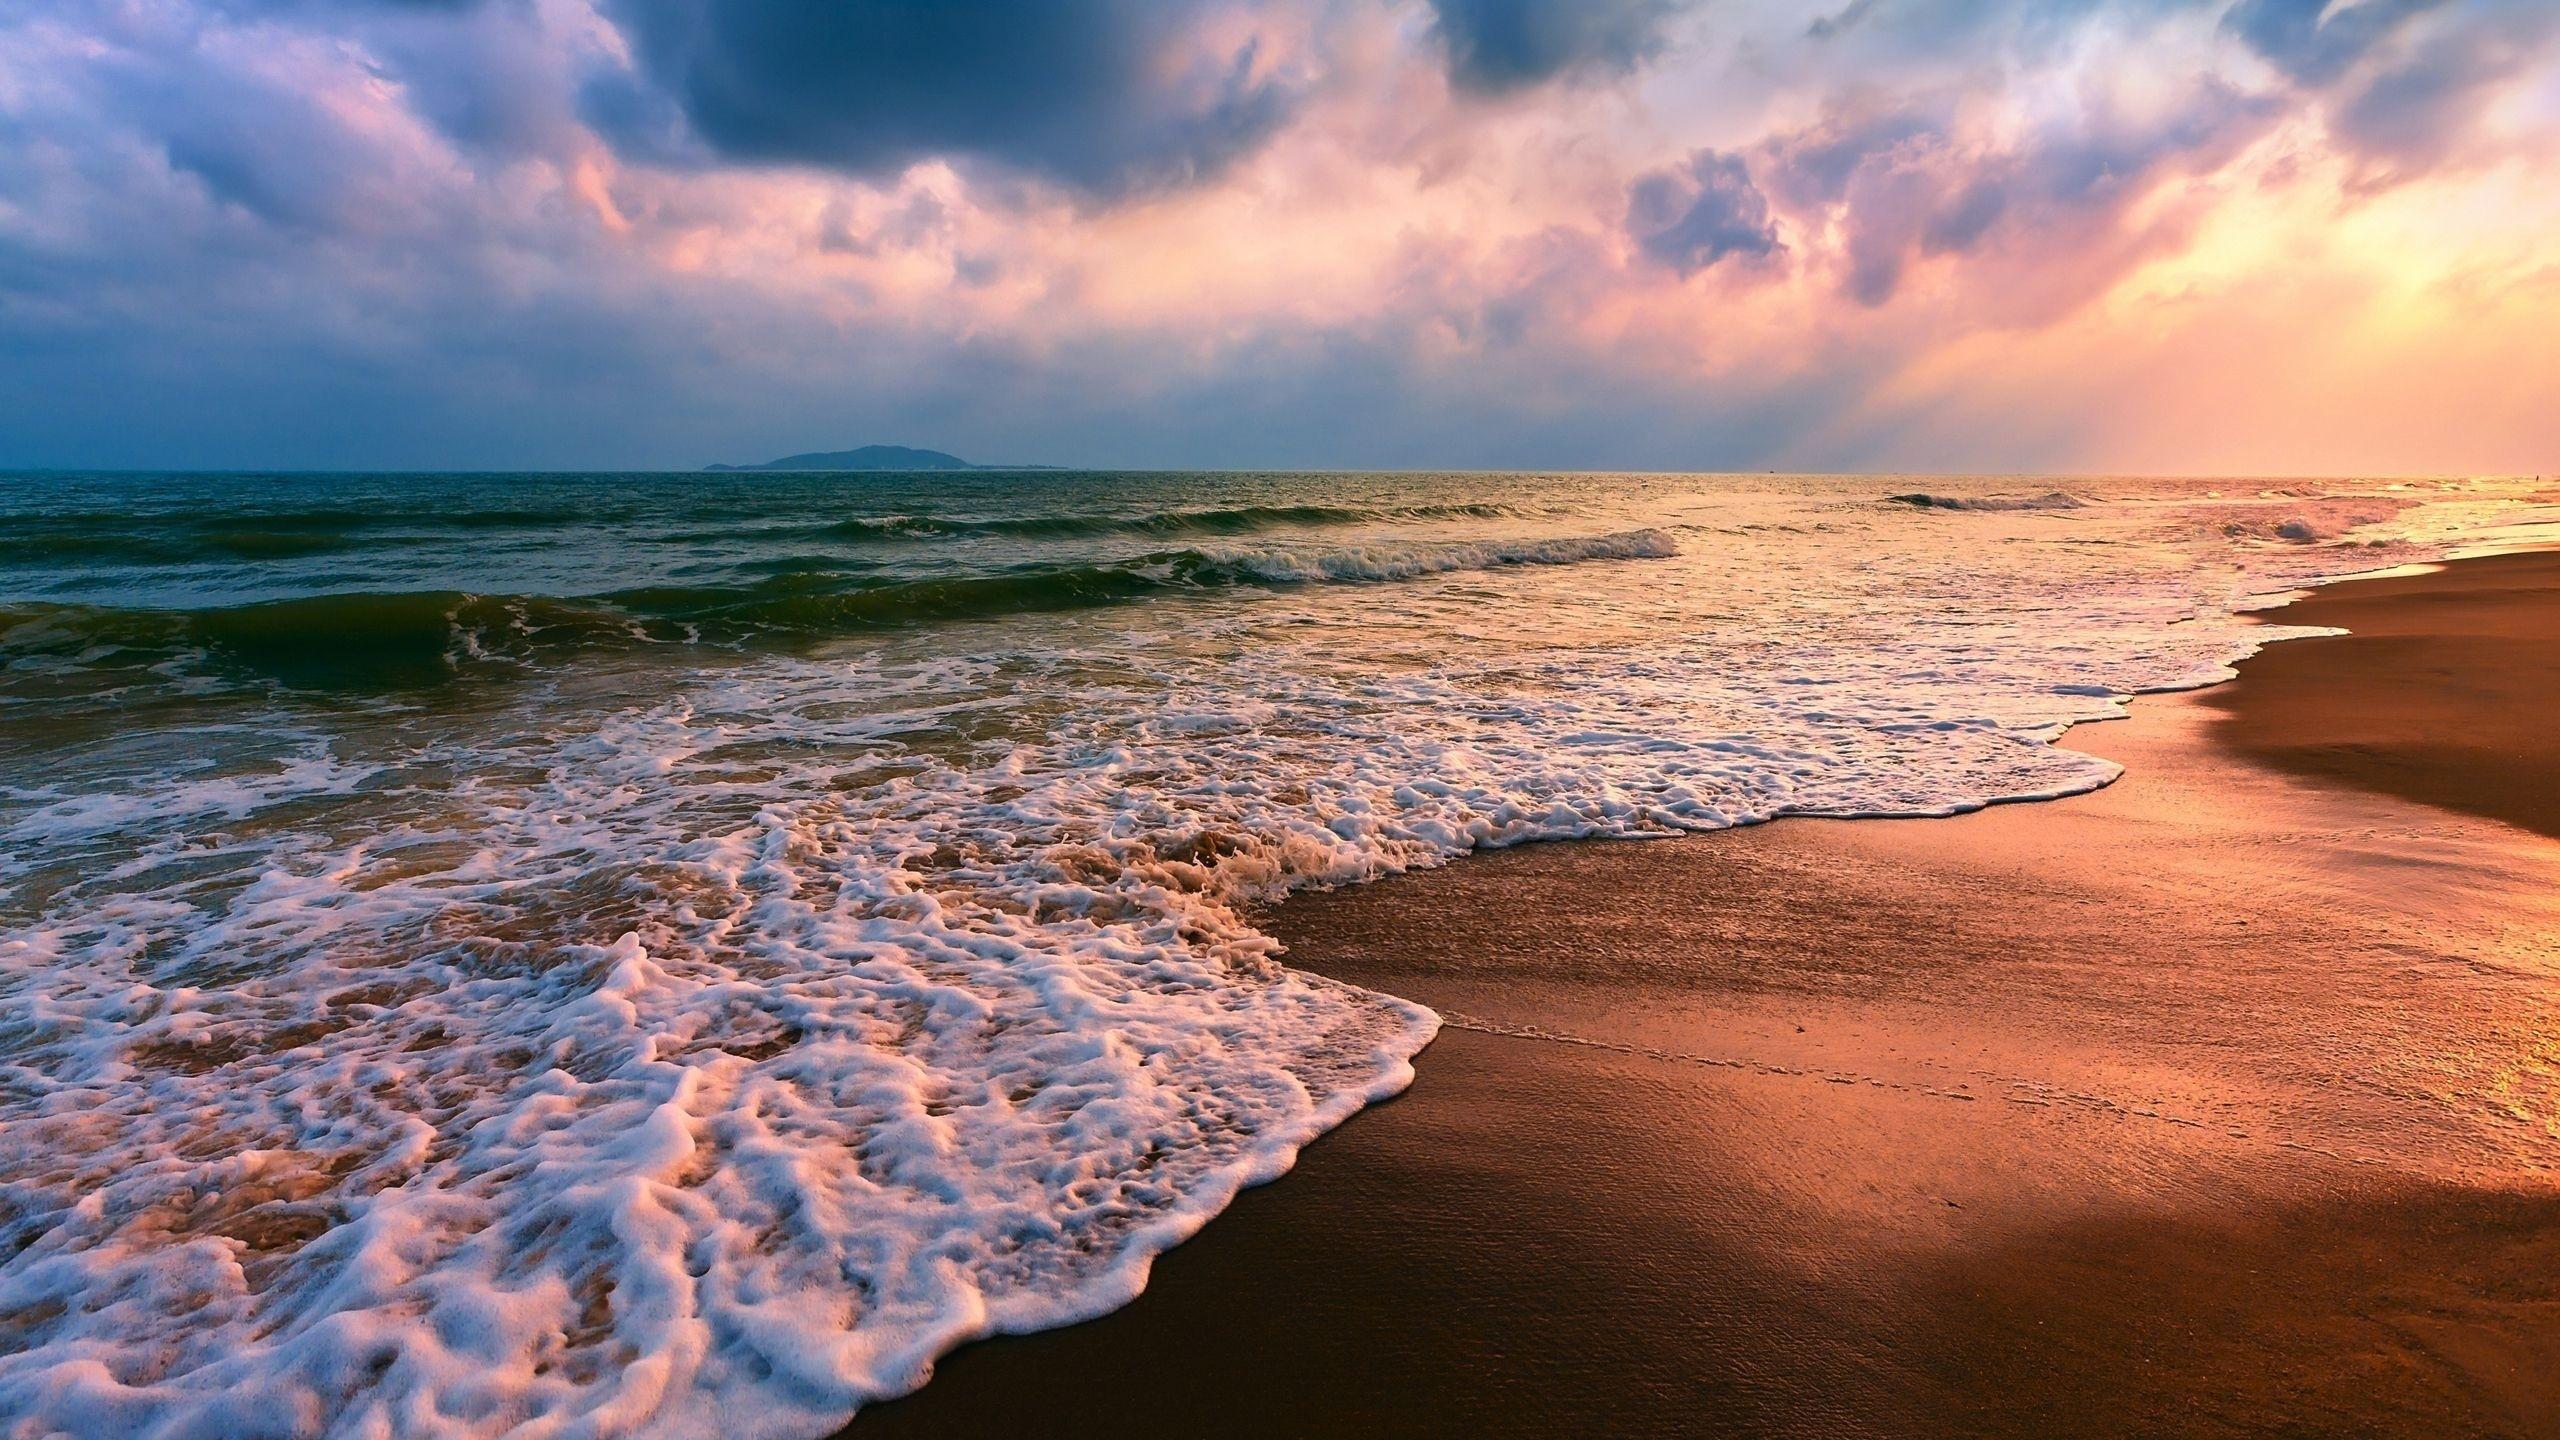 море красивые обои на телефон дело замечают